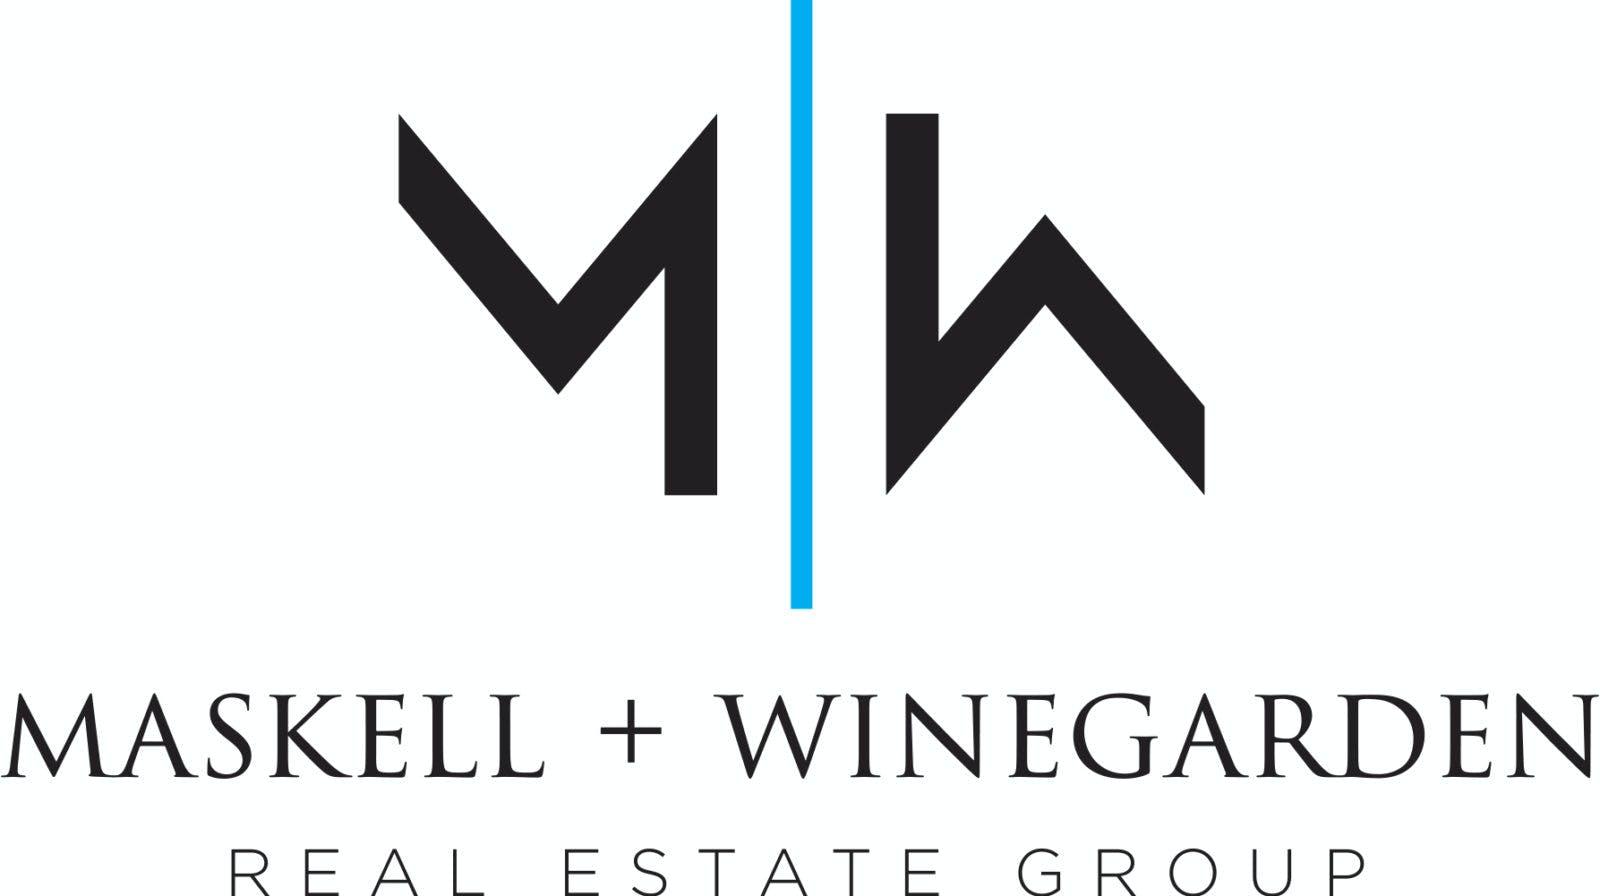 Maskell+Winegarden